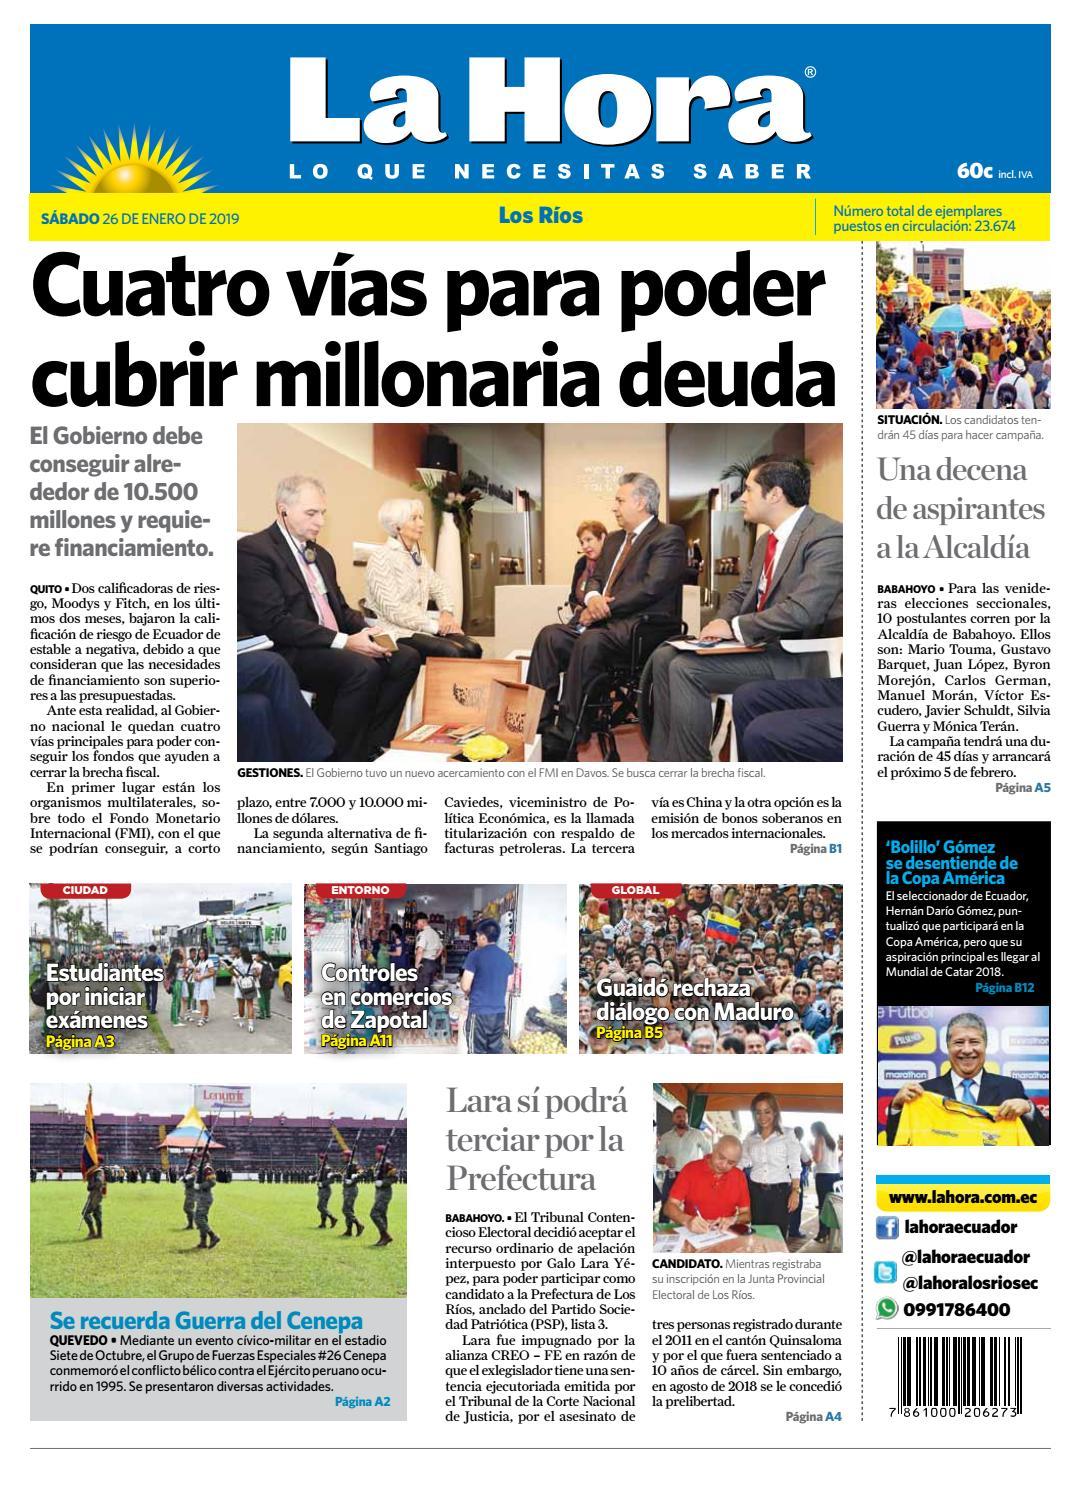 Los Ríos 26 de enero de 2019 by Diario La Hora Ecuador - issuu d66d6a2b8bc9e